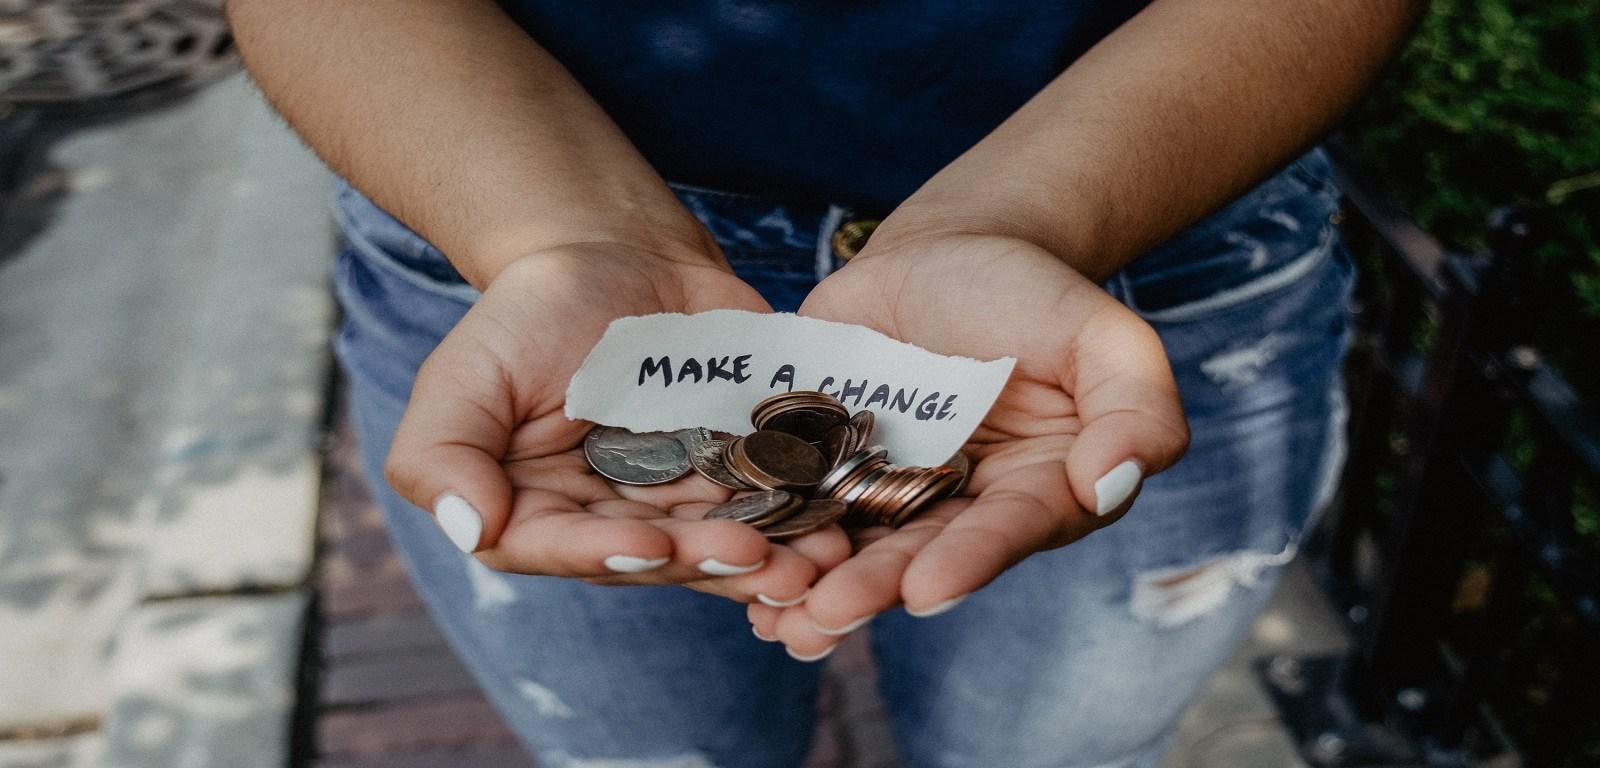 donne e denaro - make a change